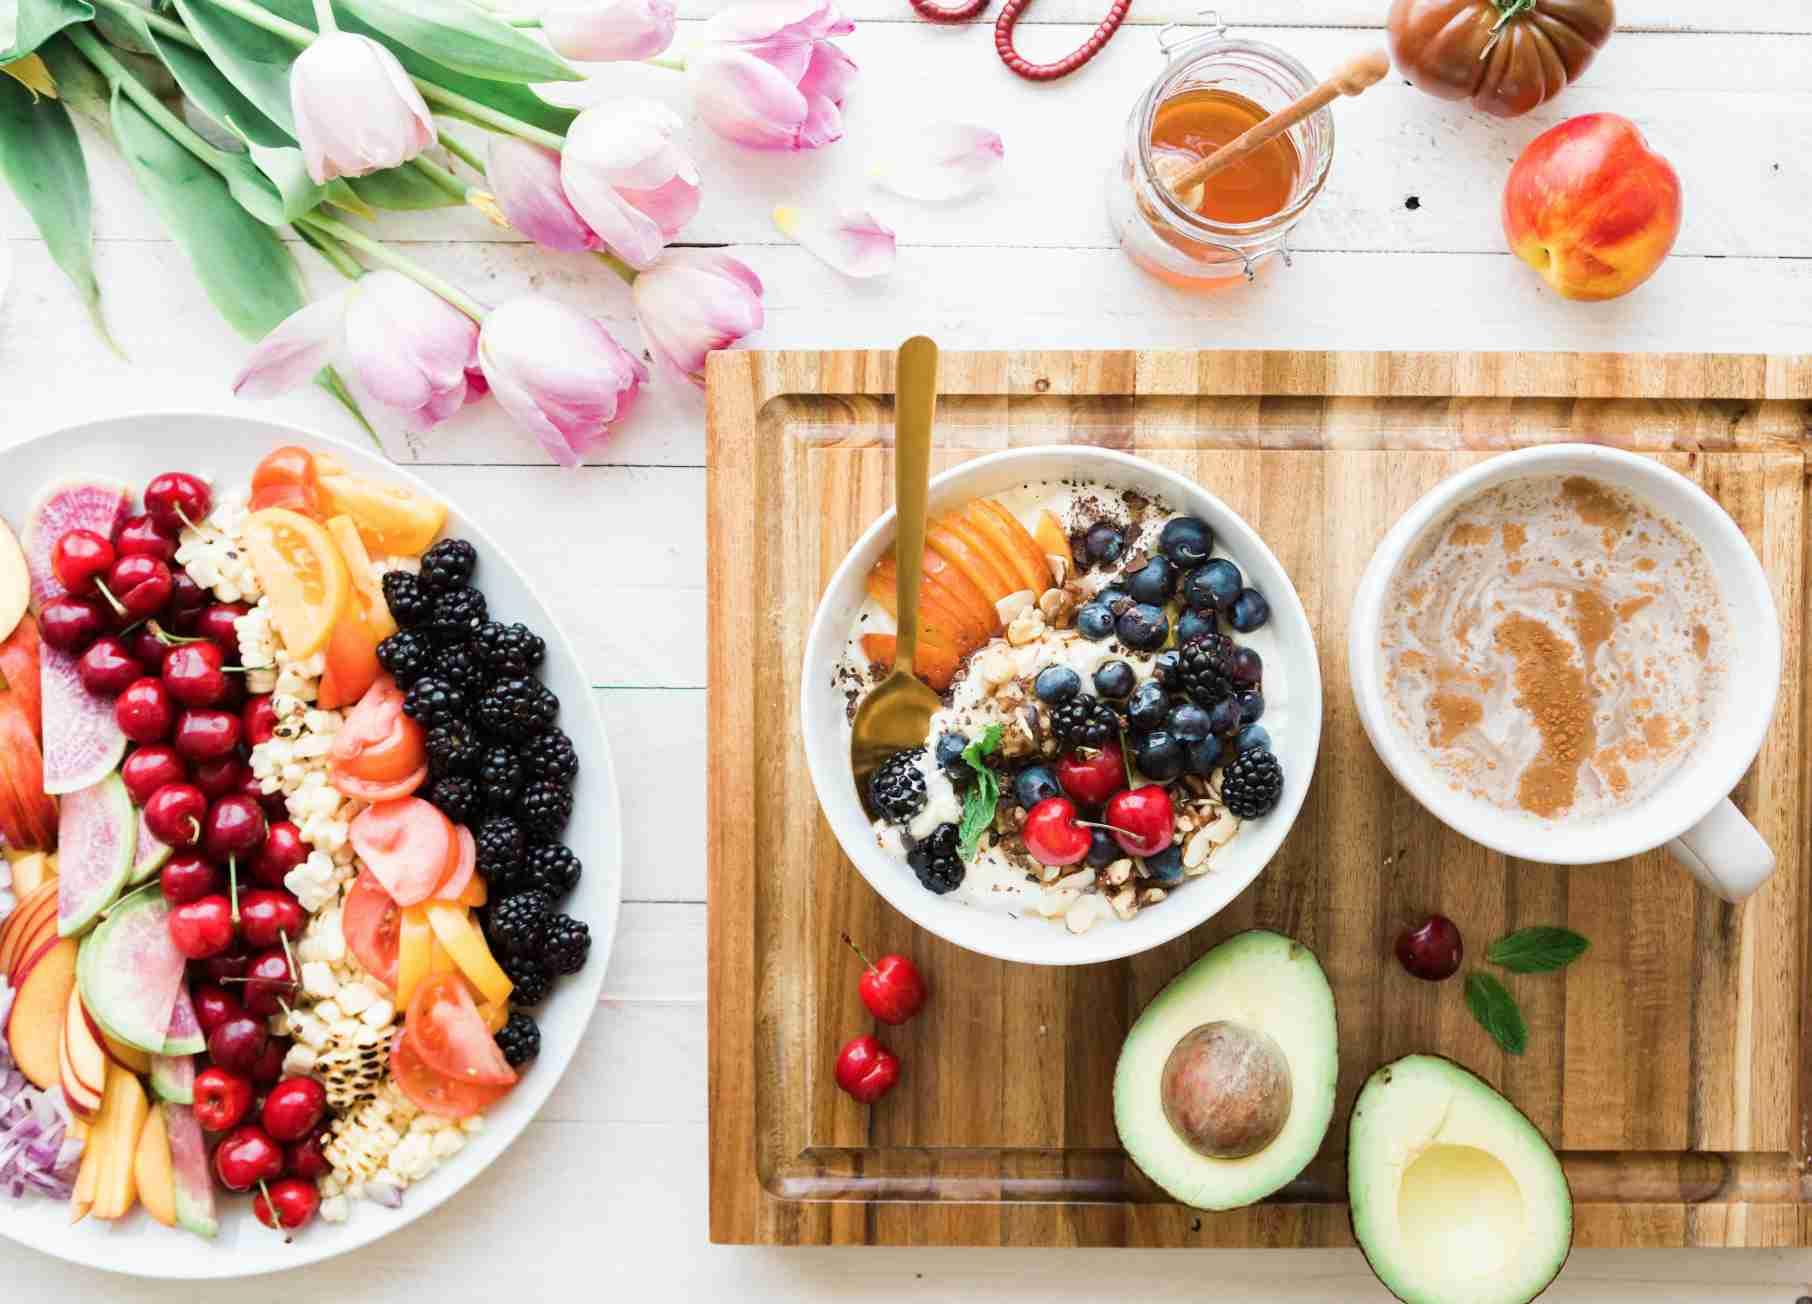 Trucos para mejorar la salud, en una mesa con diferentes frutas y zumos